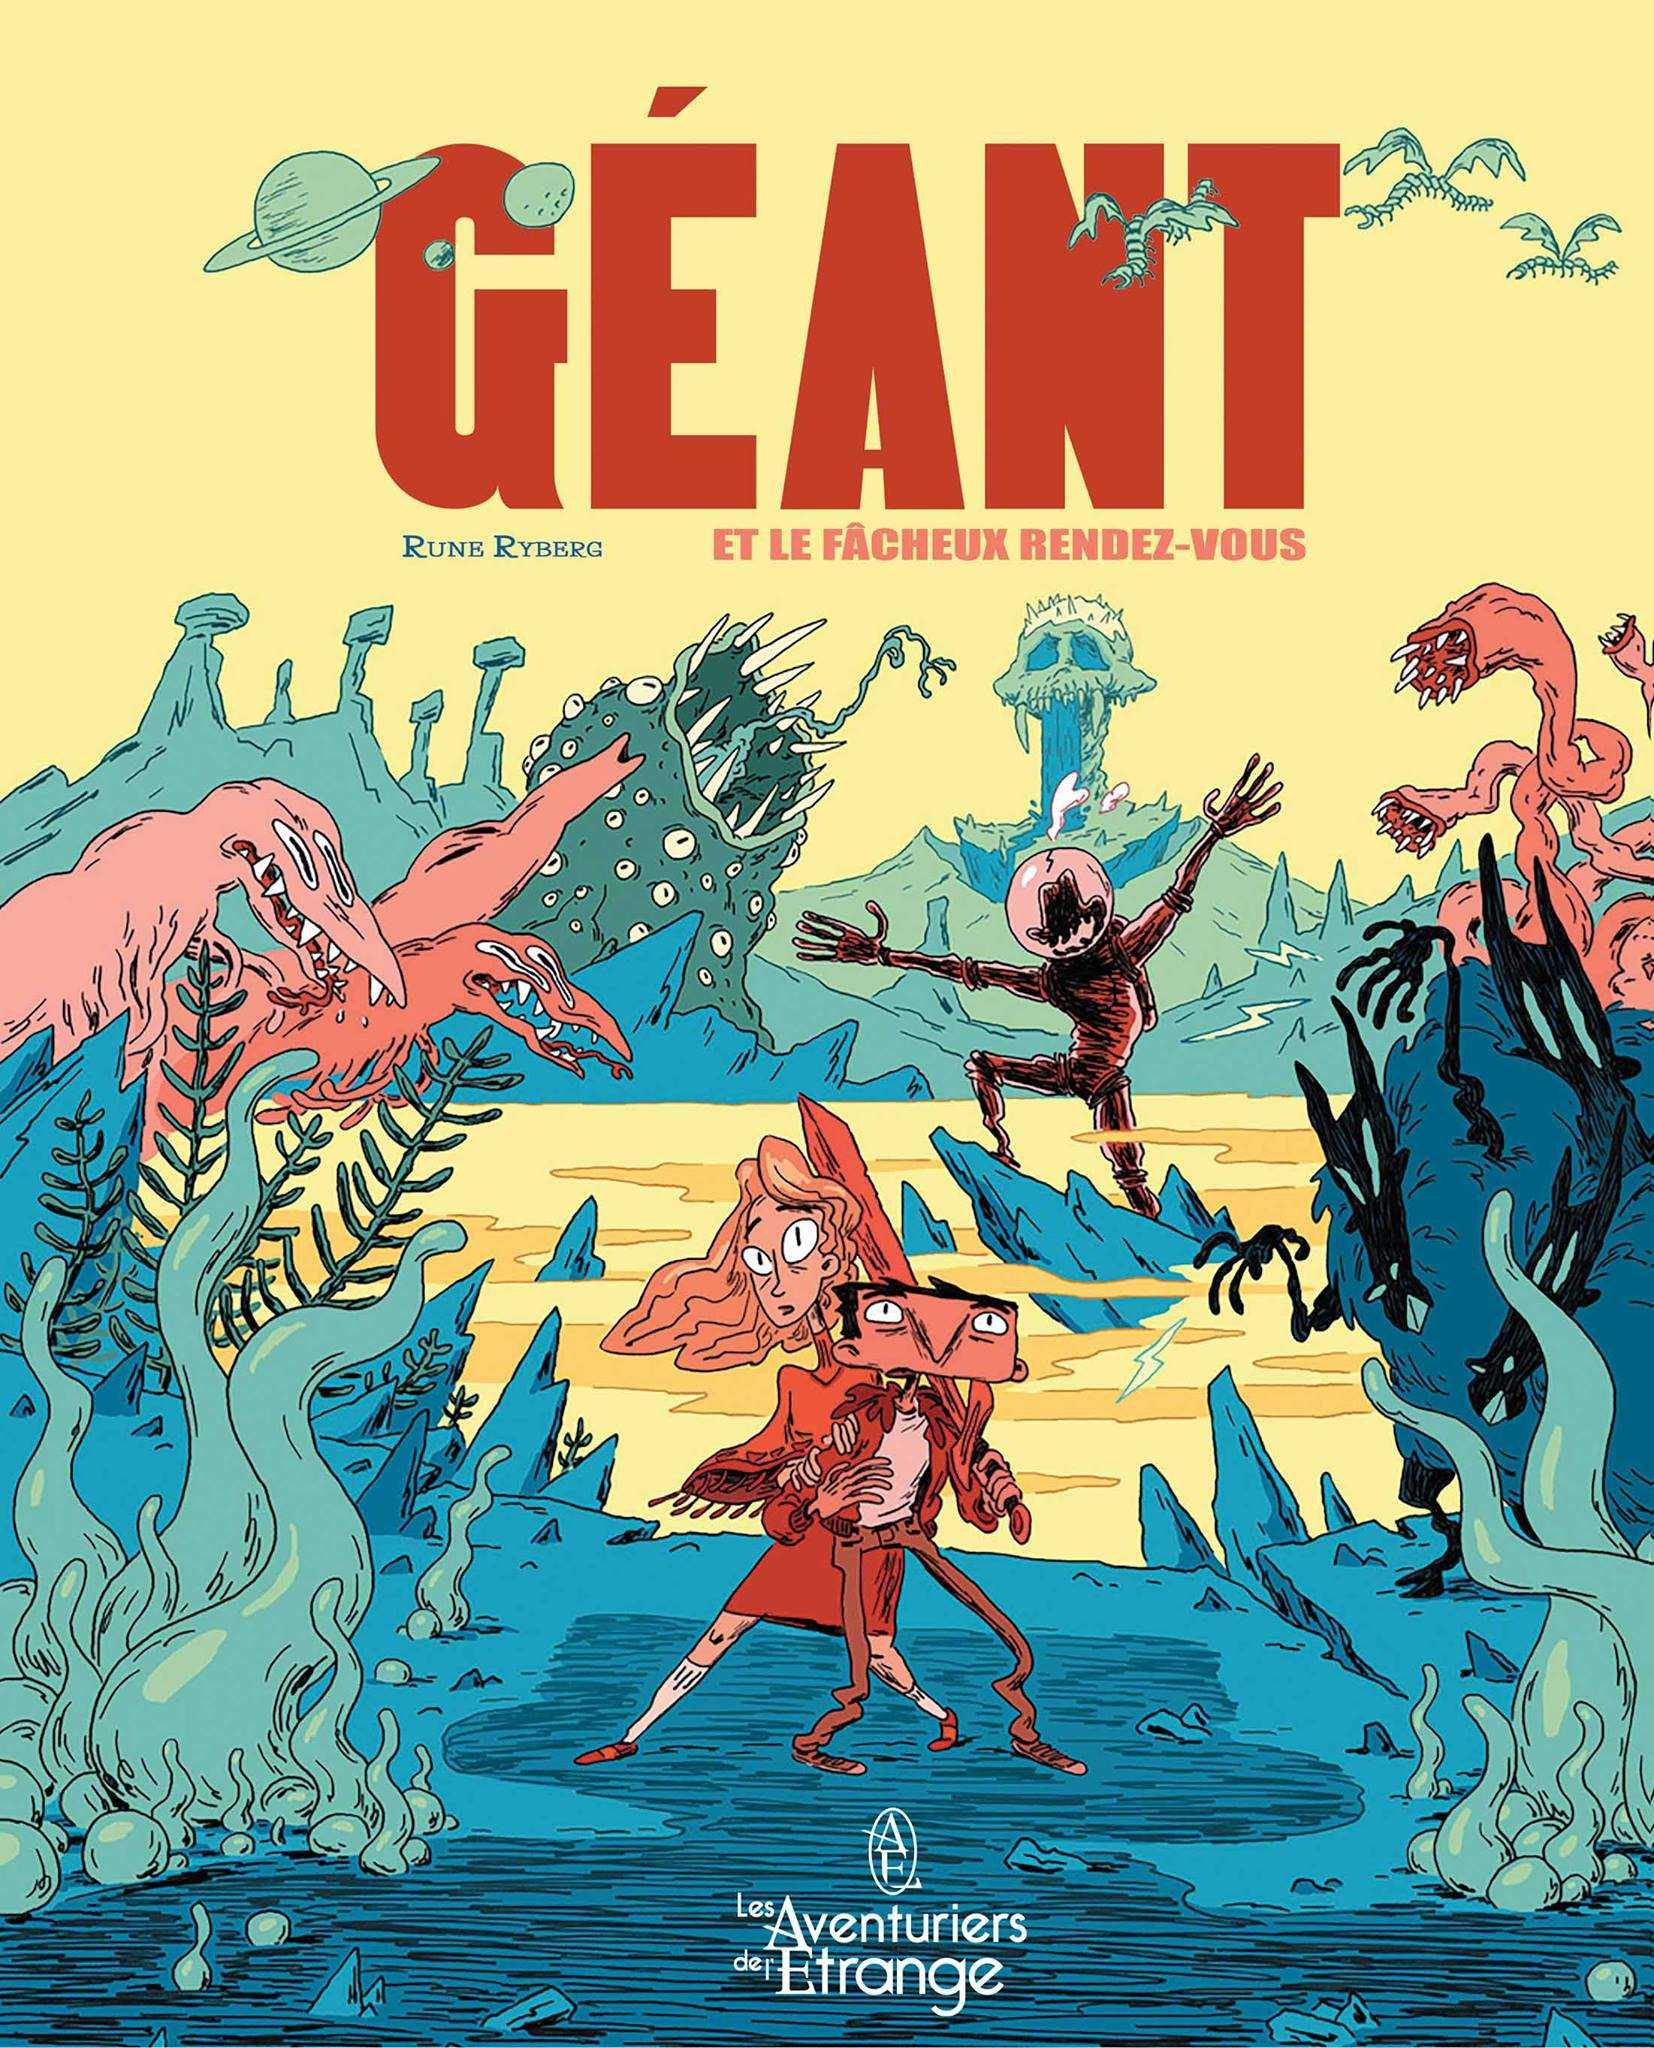 Géant, une première de Rune Ryberg à Angoulême les 25 et 26 janvier